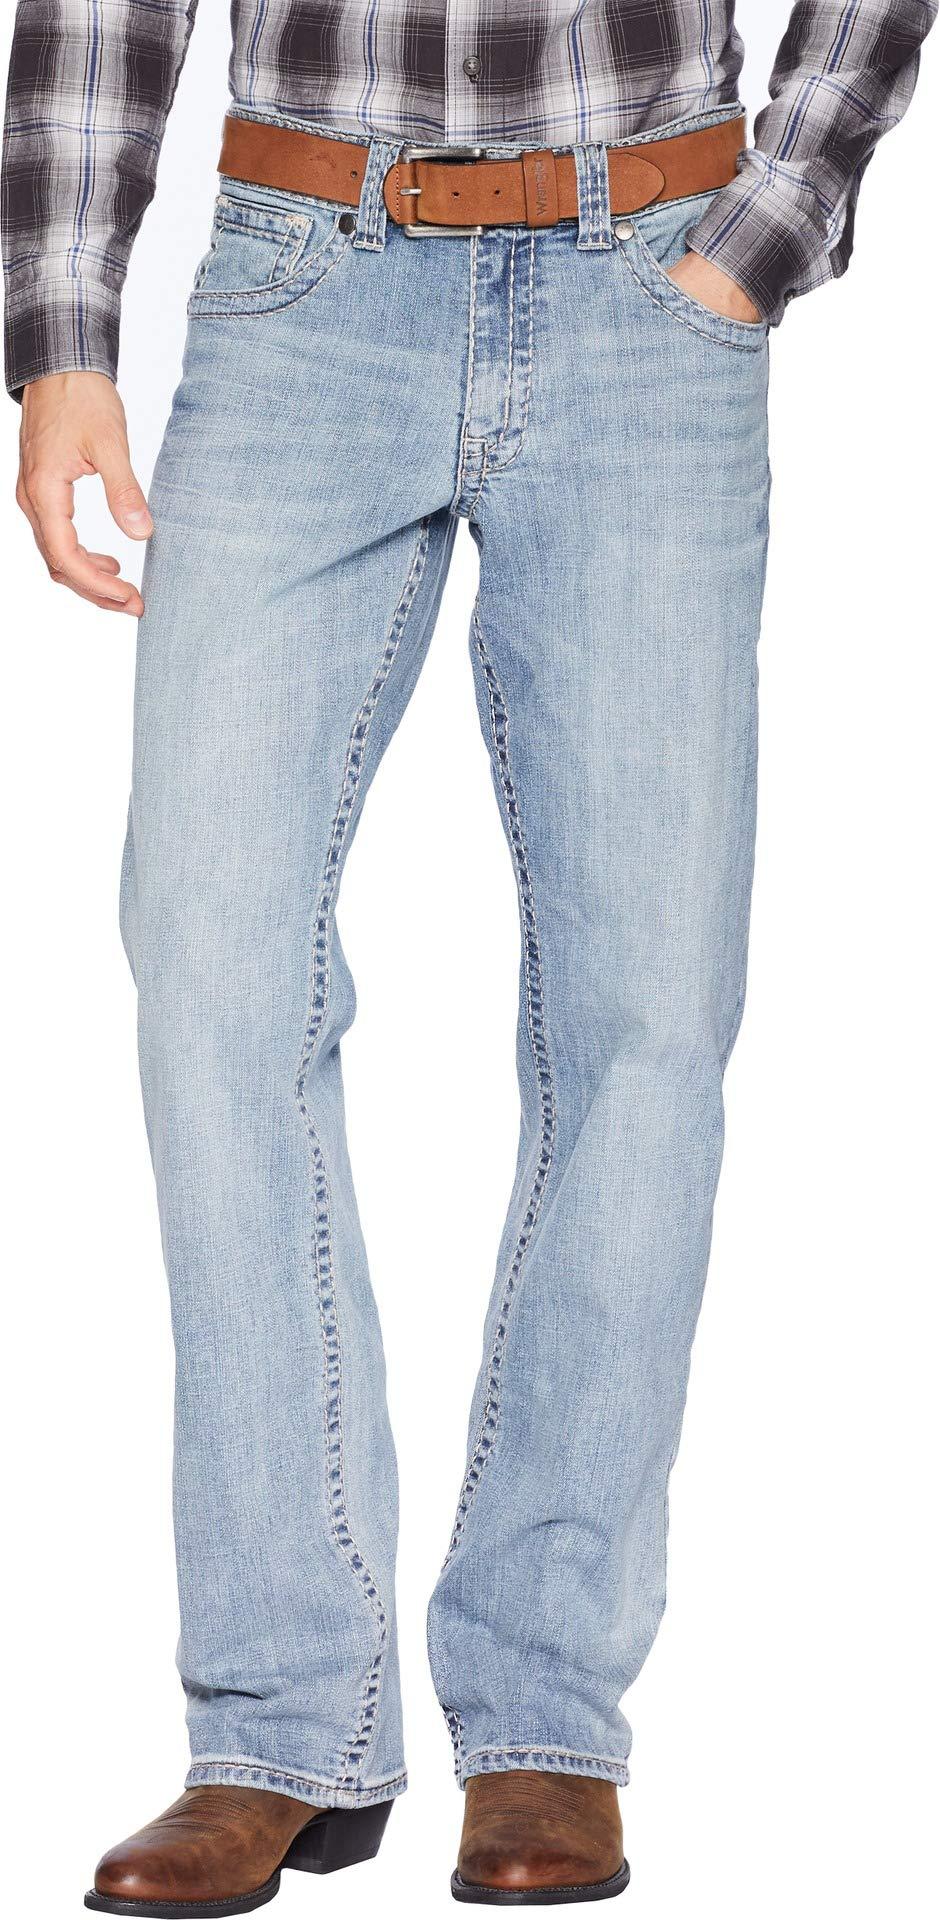 Wrangler Men's Rock 47 Relaxed Boot Jeans Back Beat 40 36